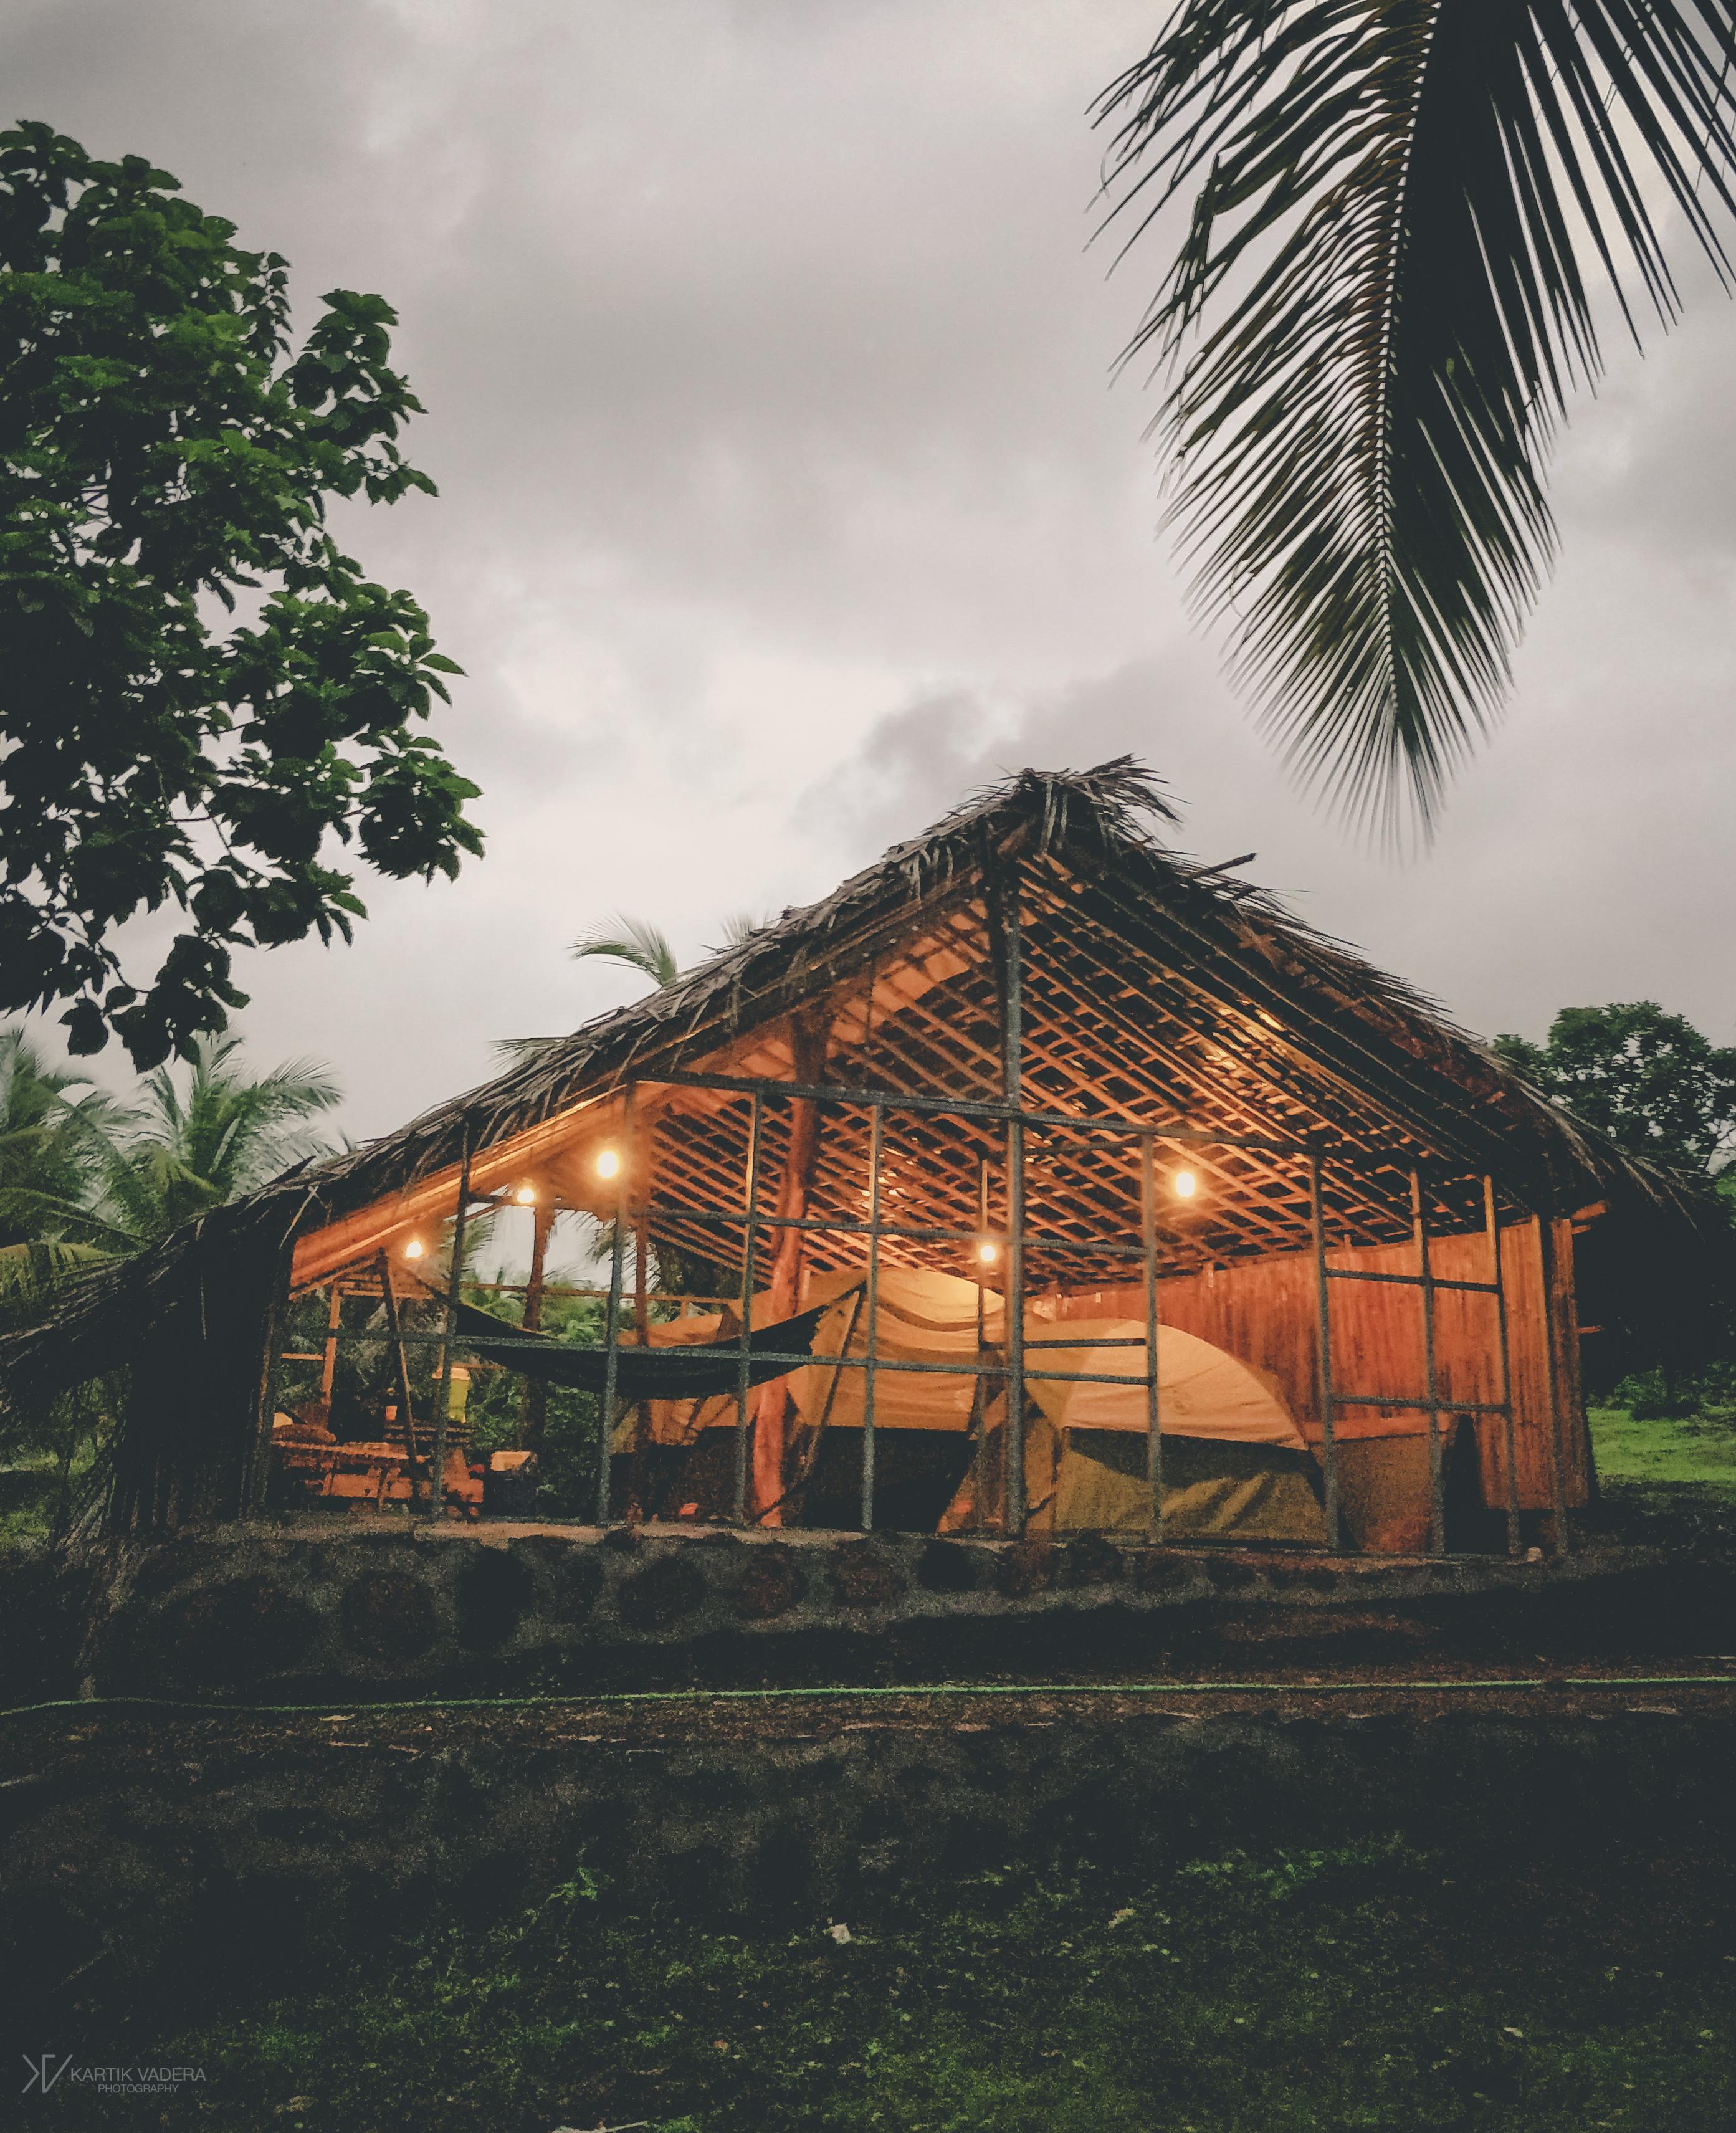 Monsoon Camping at Karnala 20